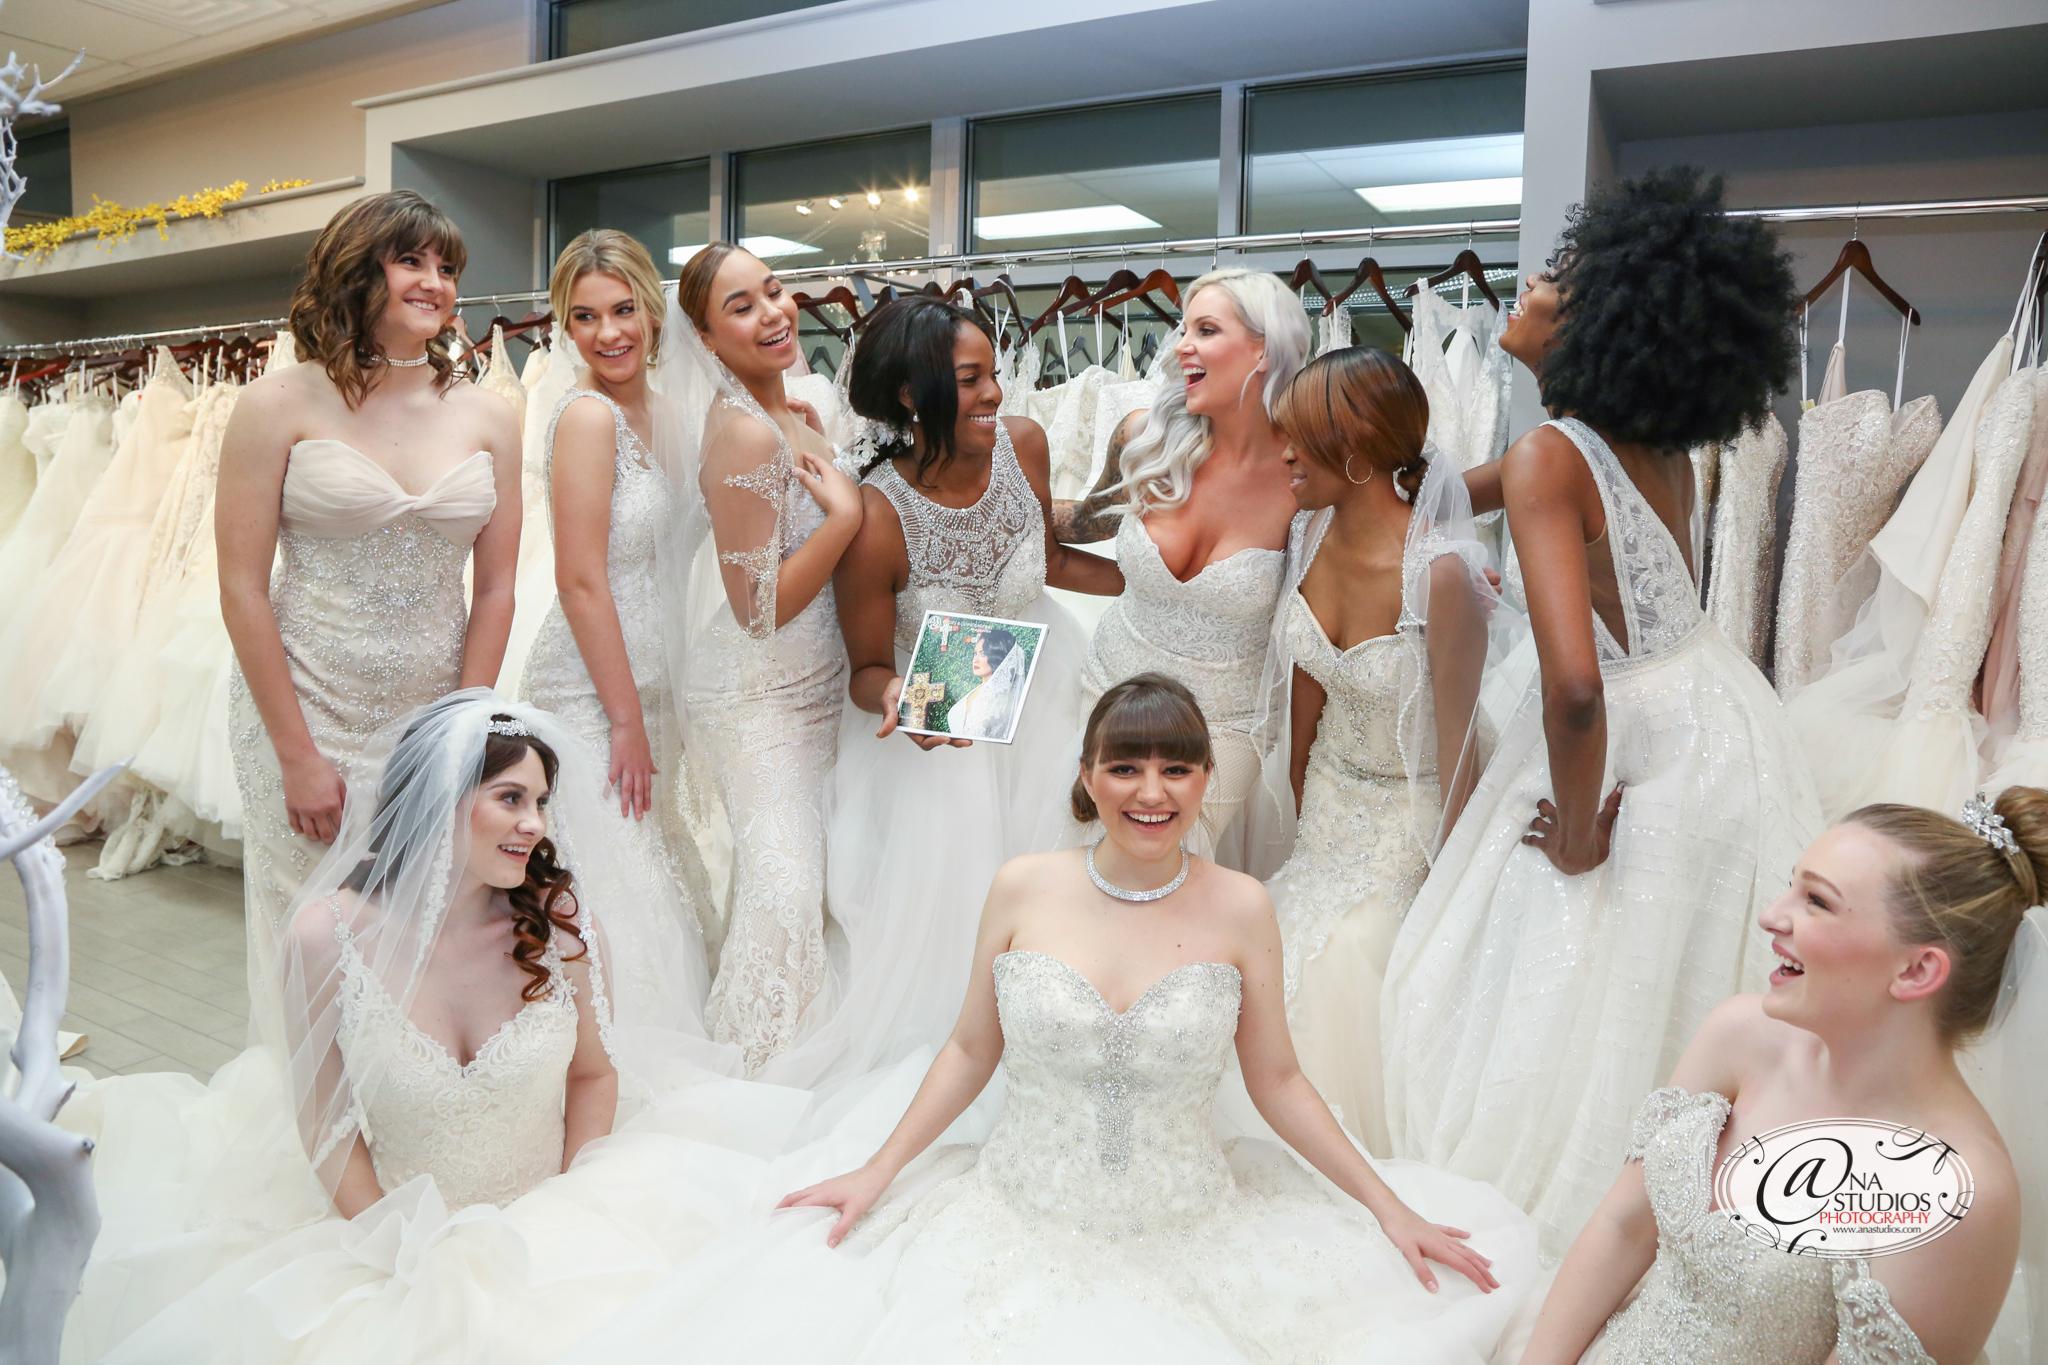 Photo by Ana Studios  Dress shop Silhoutte Bridal